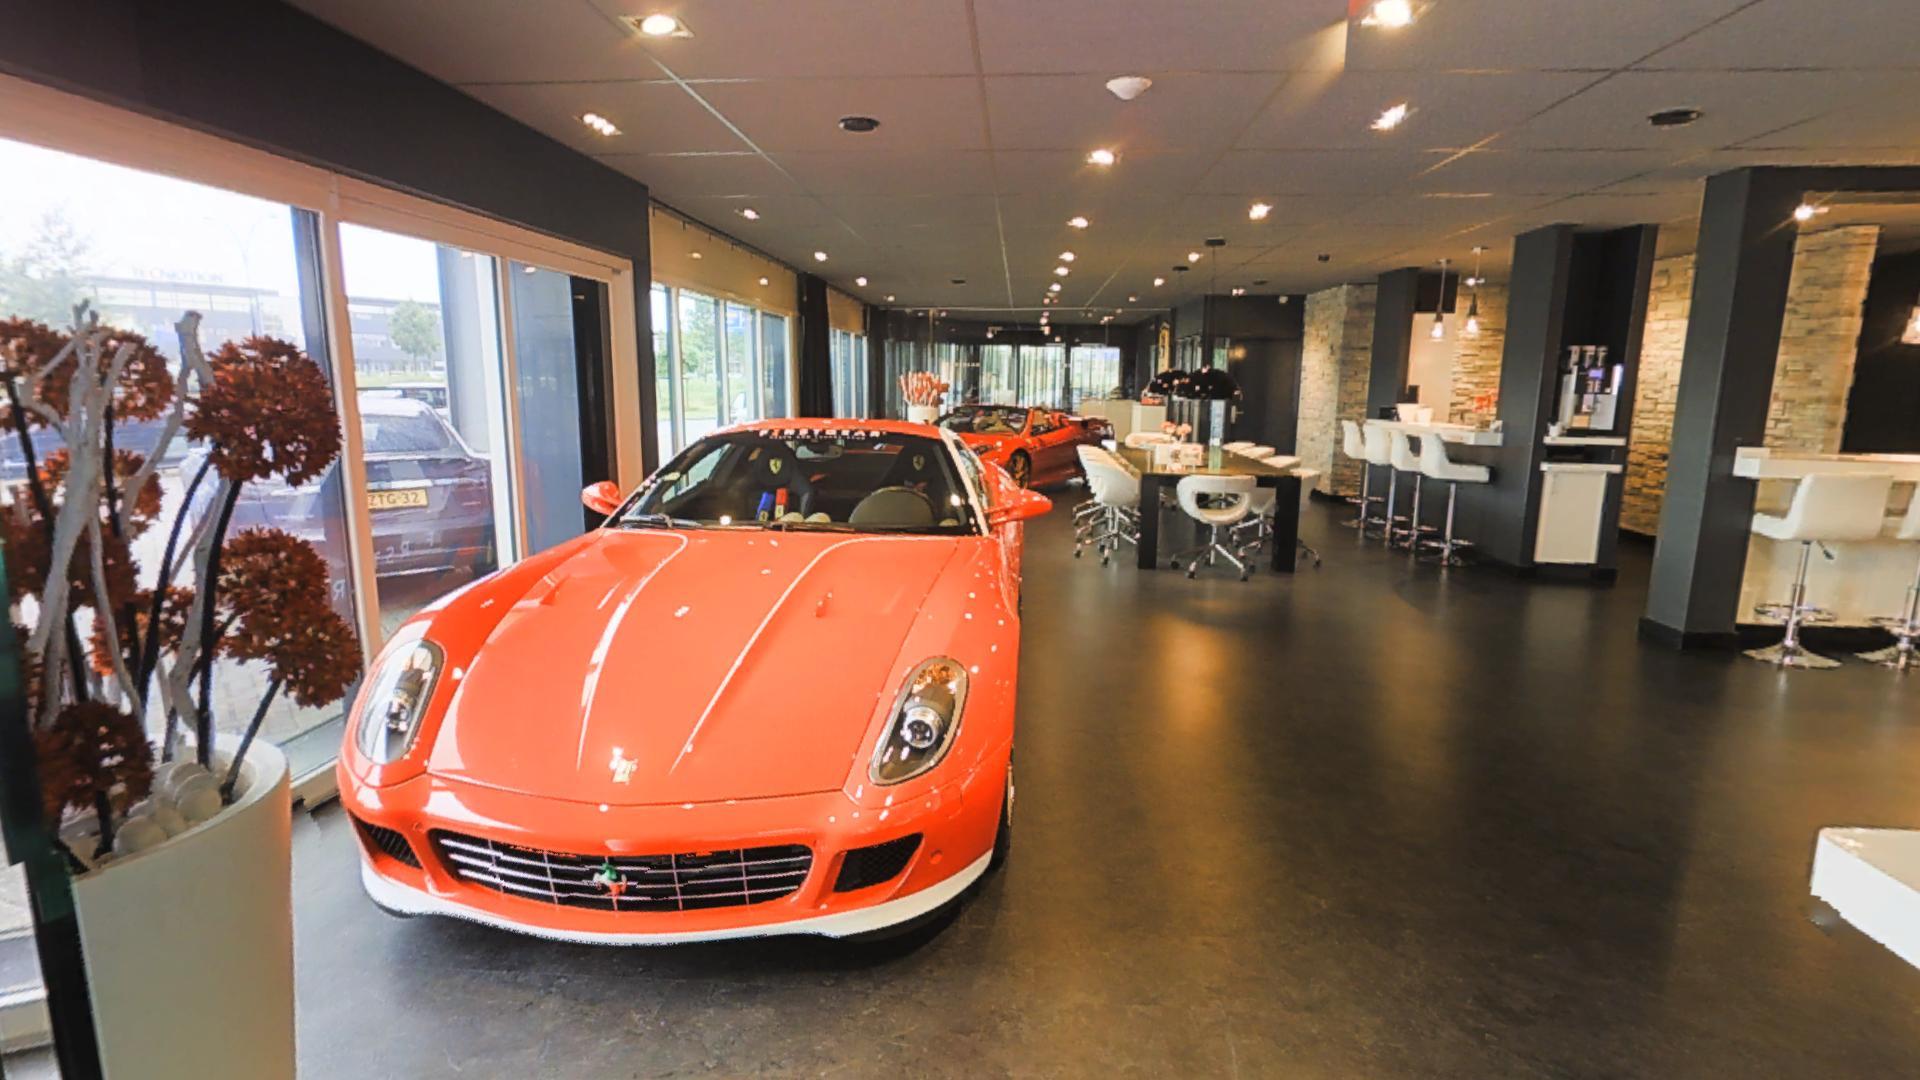 High Risk Car Insurance >> Firstgear Luxury Car Showroom - Matterport